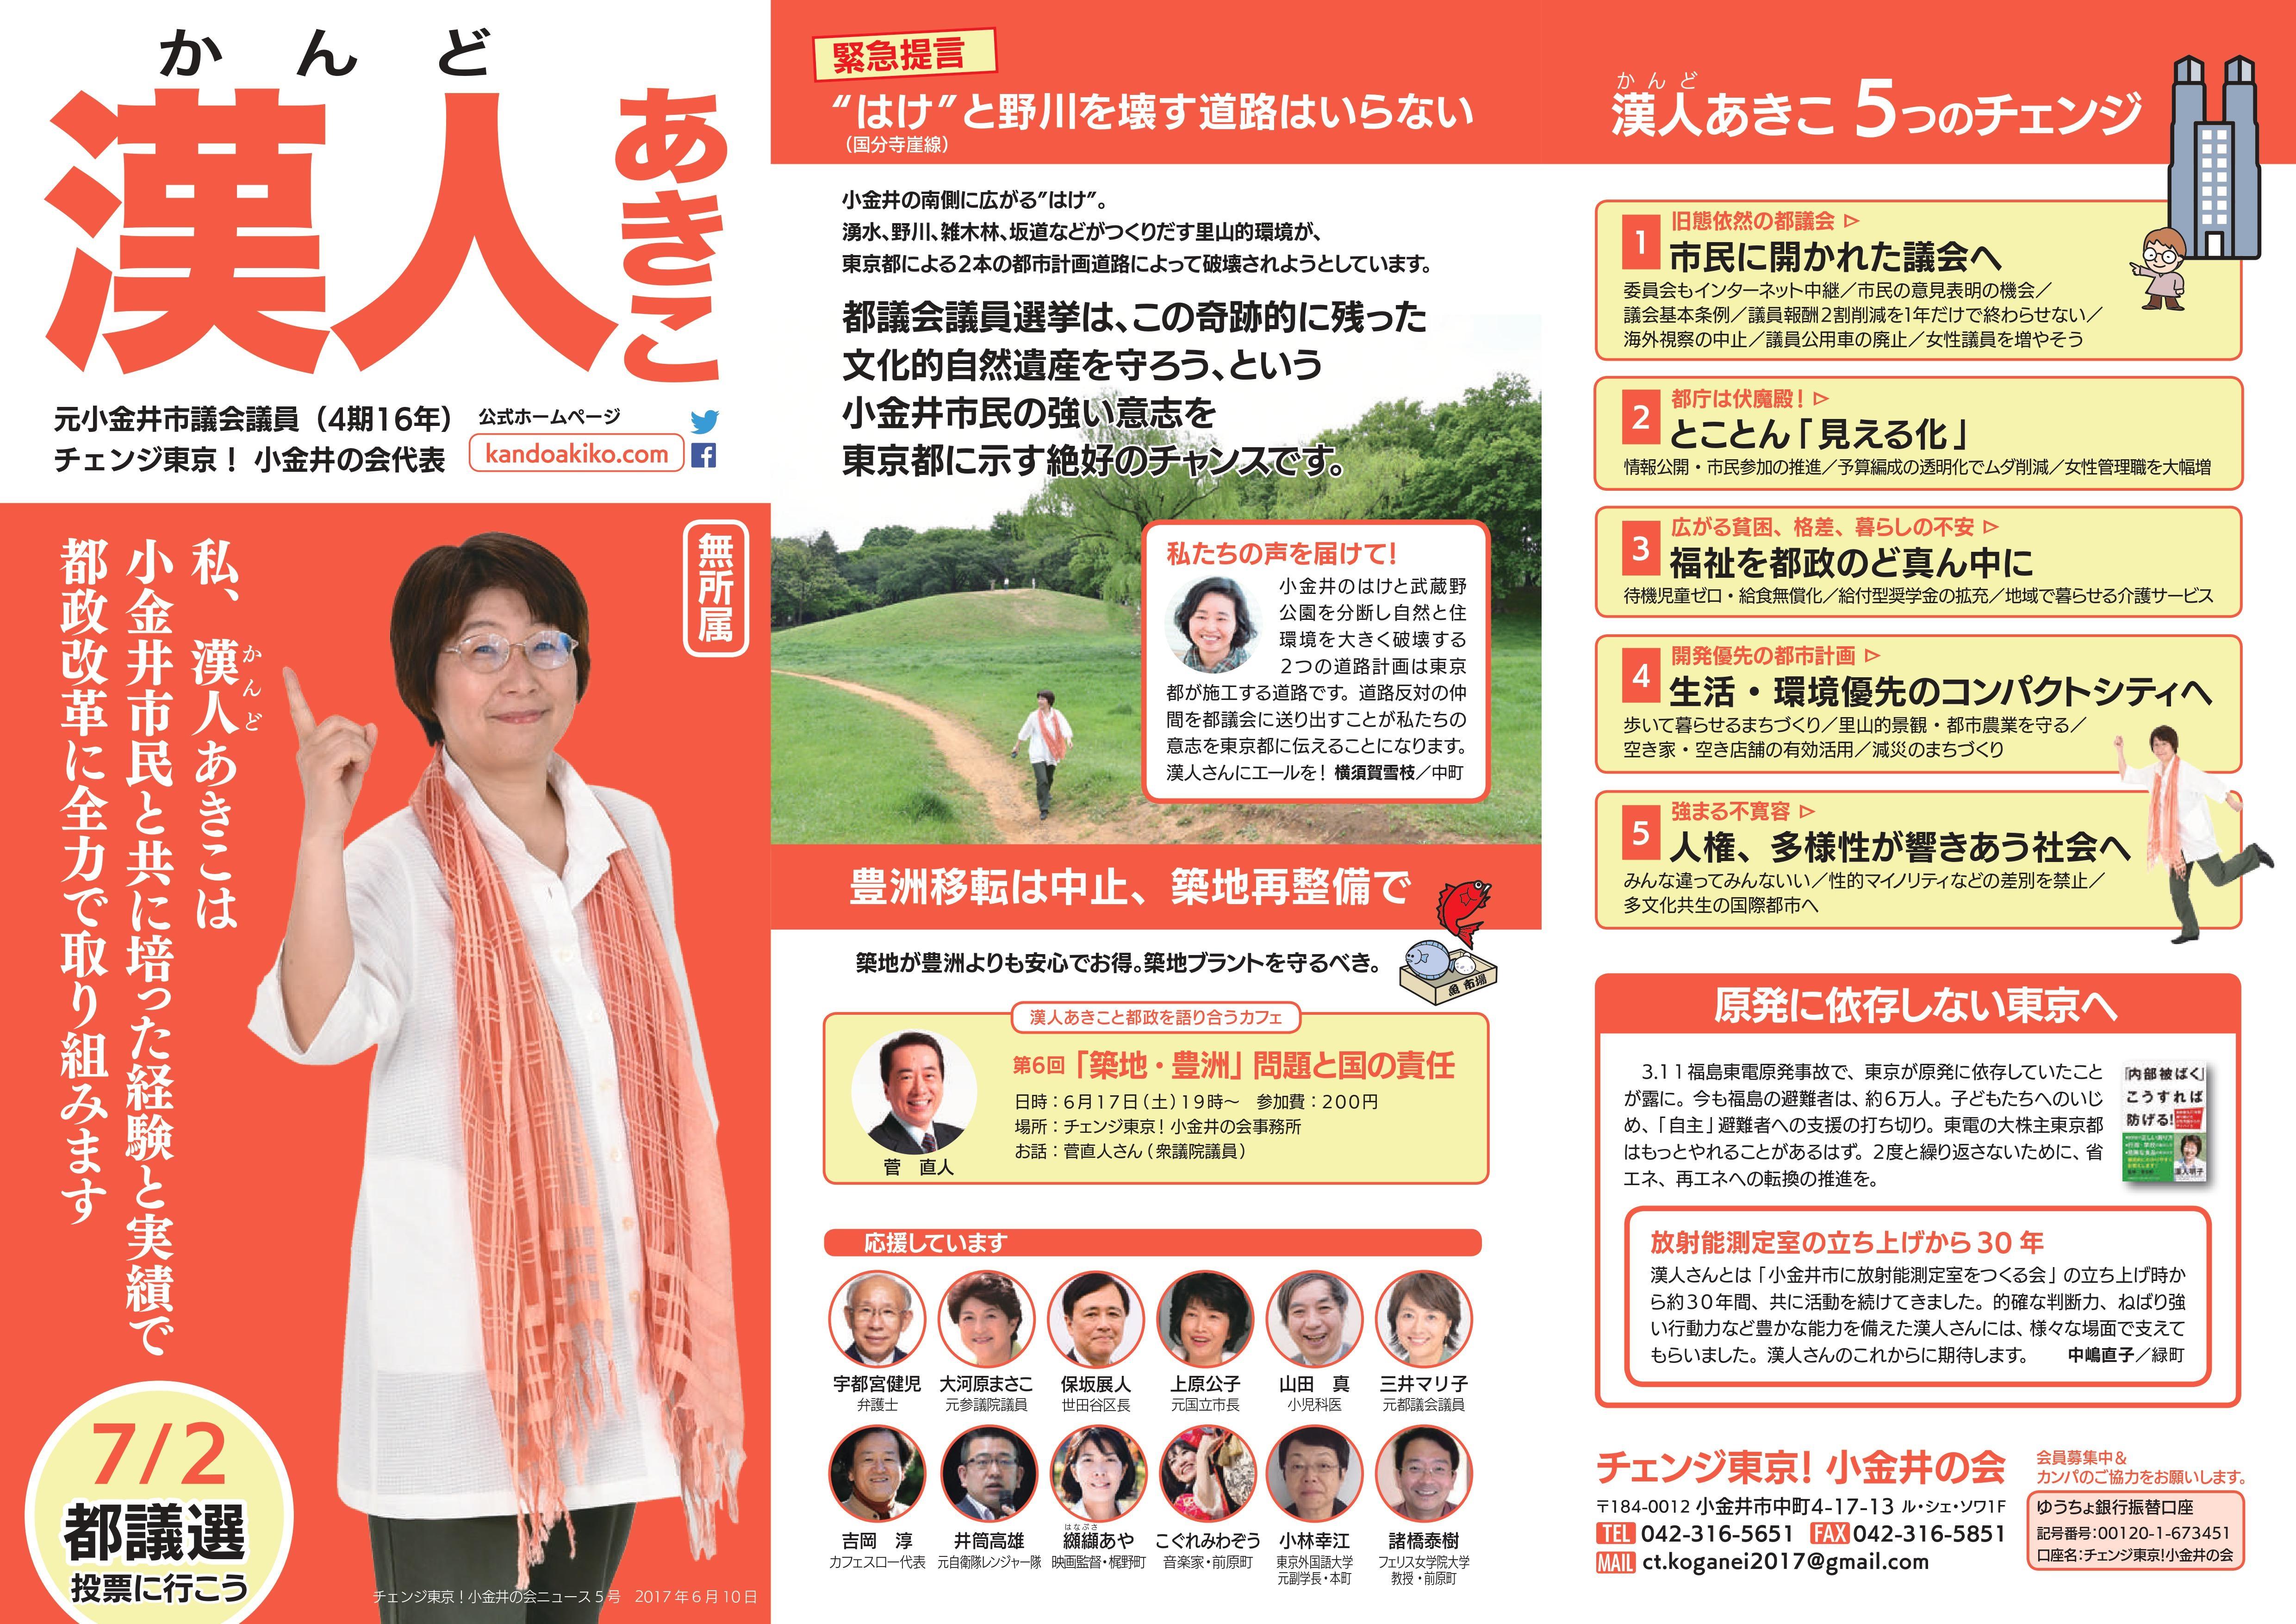 チェンジ東京!小金井の会ニュース 5号-表